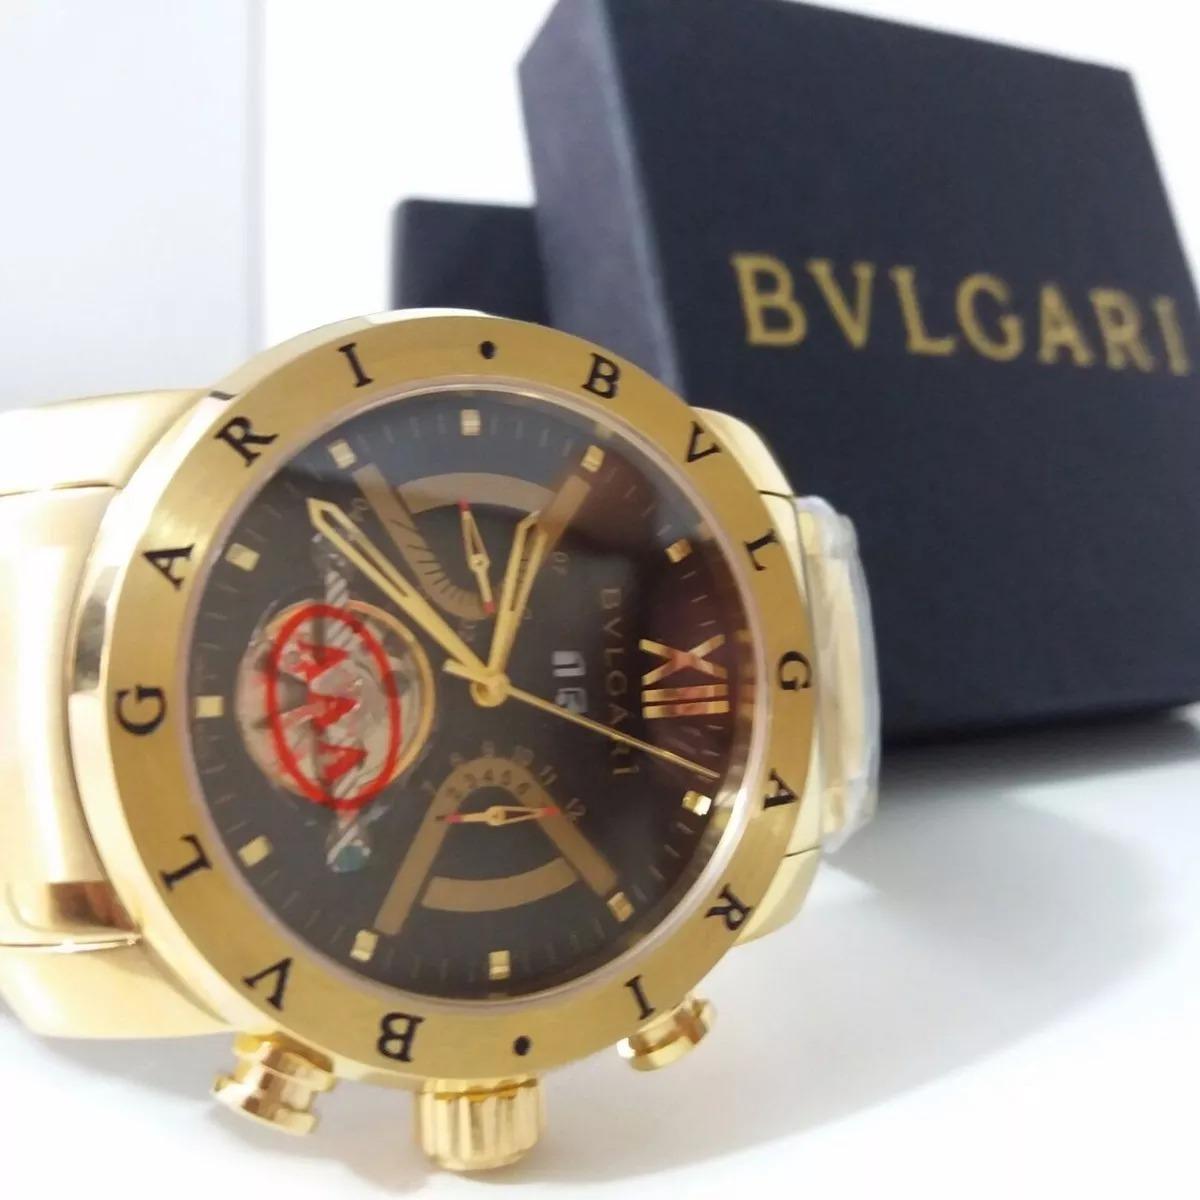 52fd3bf3d98 relogio dourado iron man bv bullgari masculino dourado d576. Carregando  zoom.